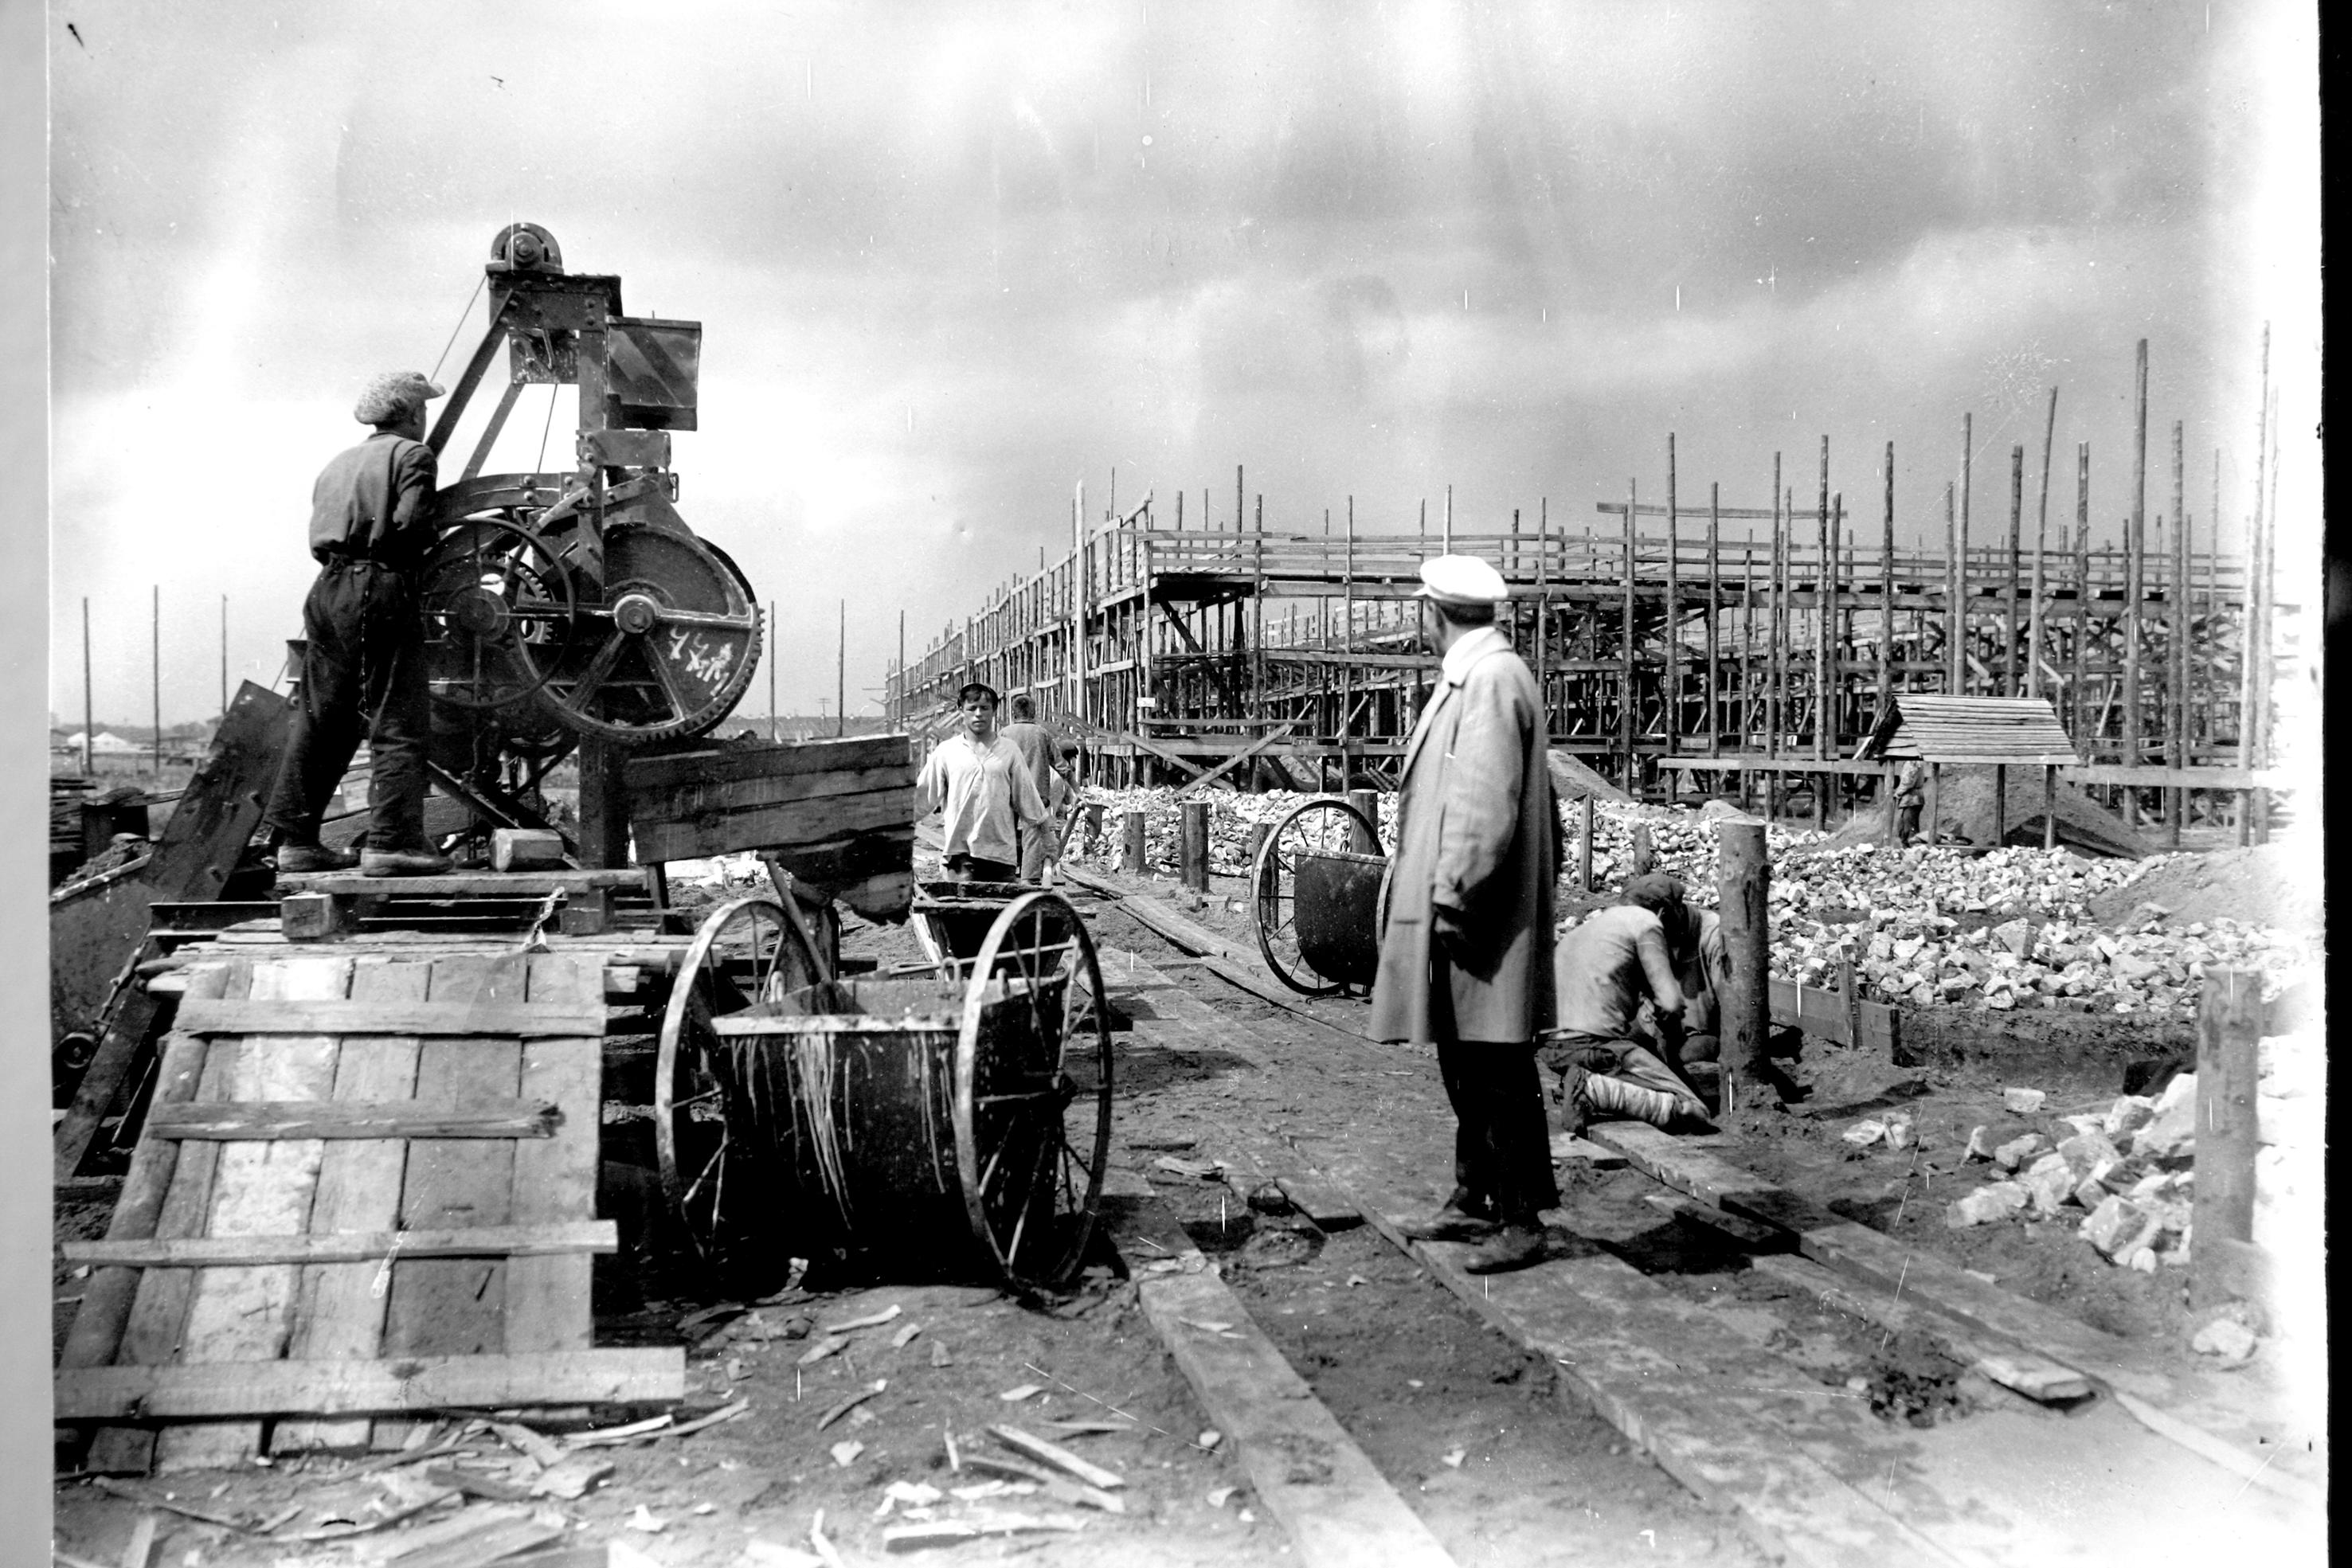 История промышленности России в фотографиях: ПАО «Нижегородский машиностроительный завод»